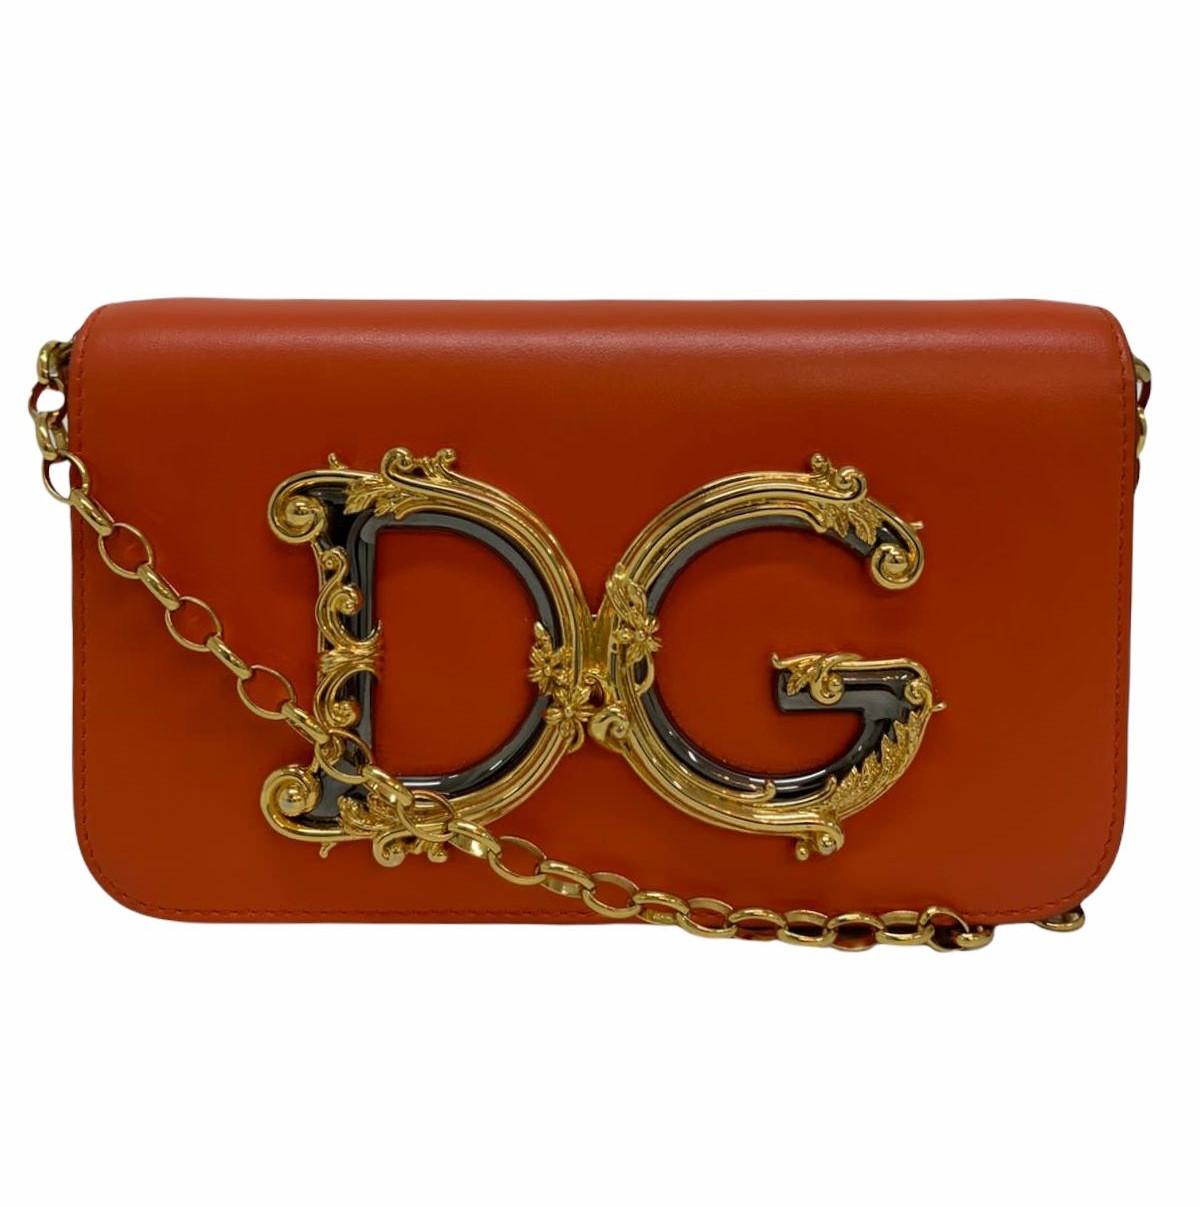 Bolsa Dolce & Gabbana DG Girls Small Barocco